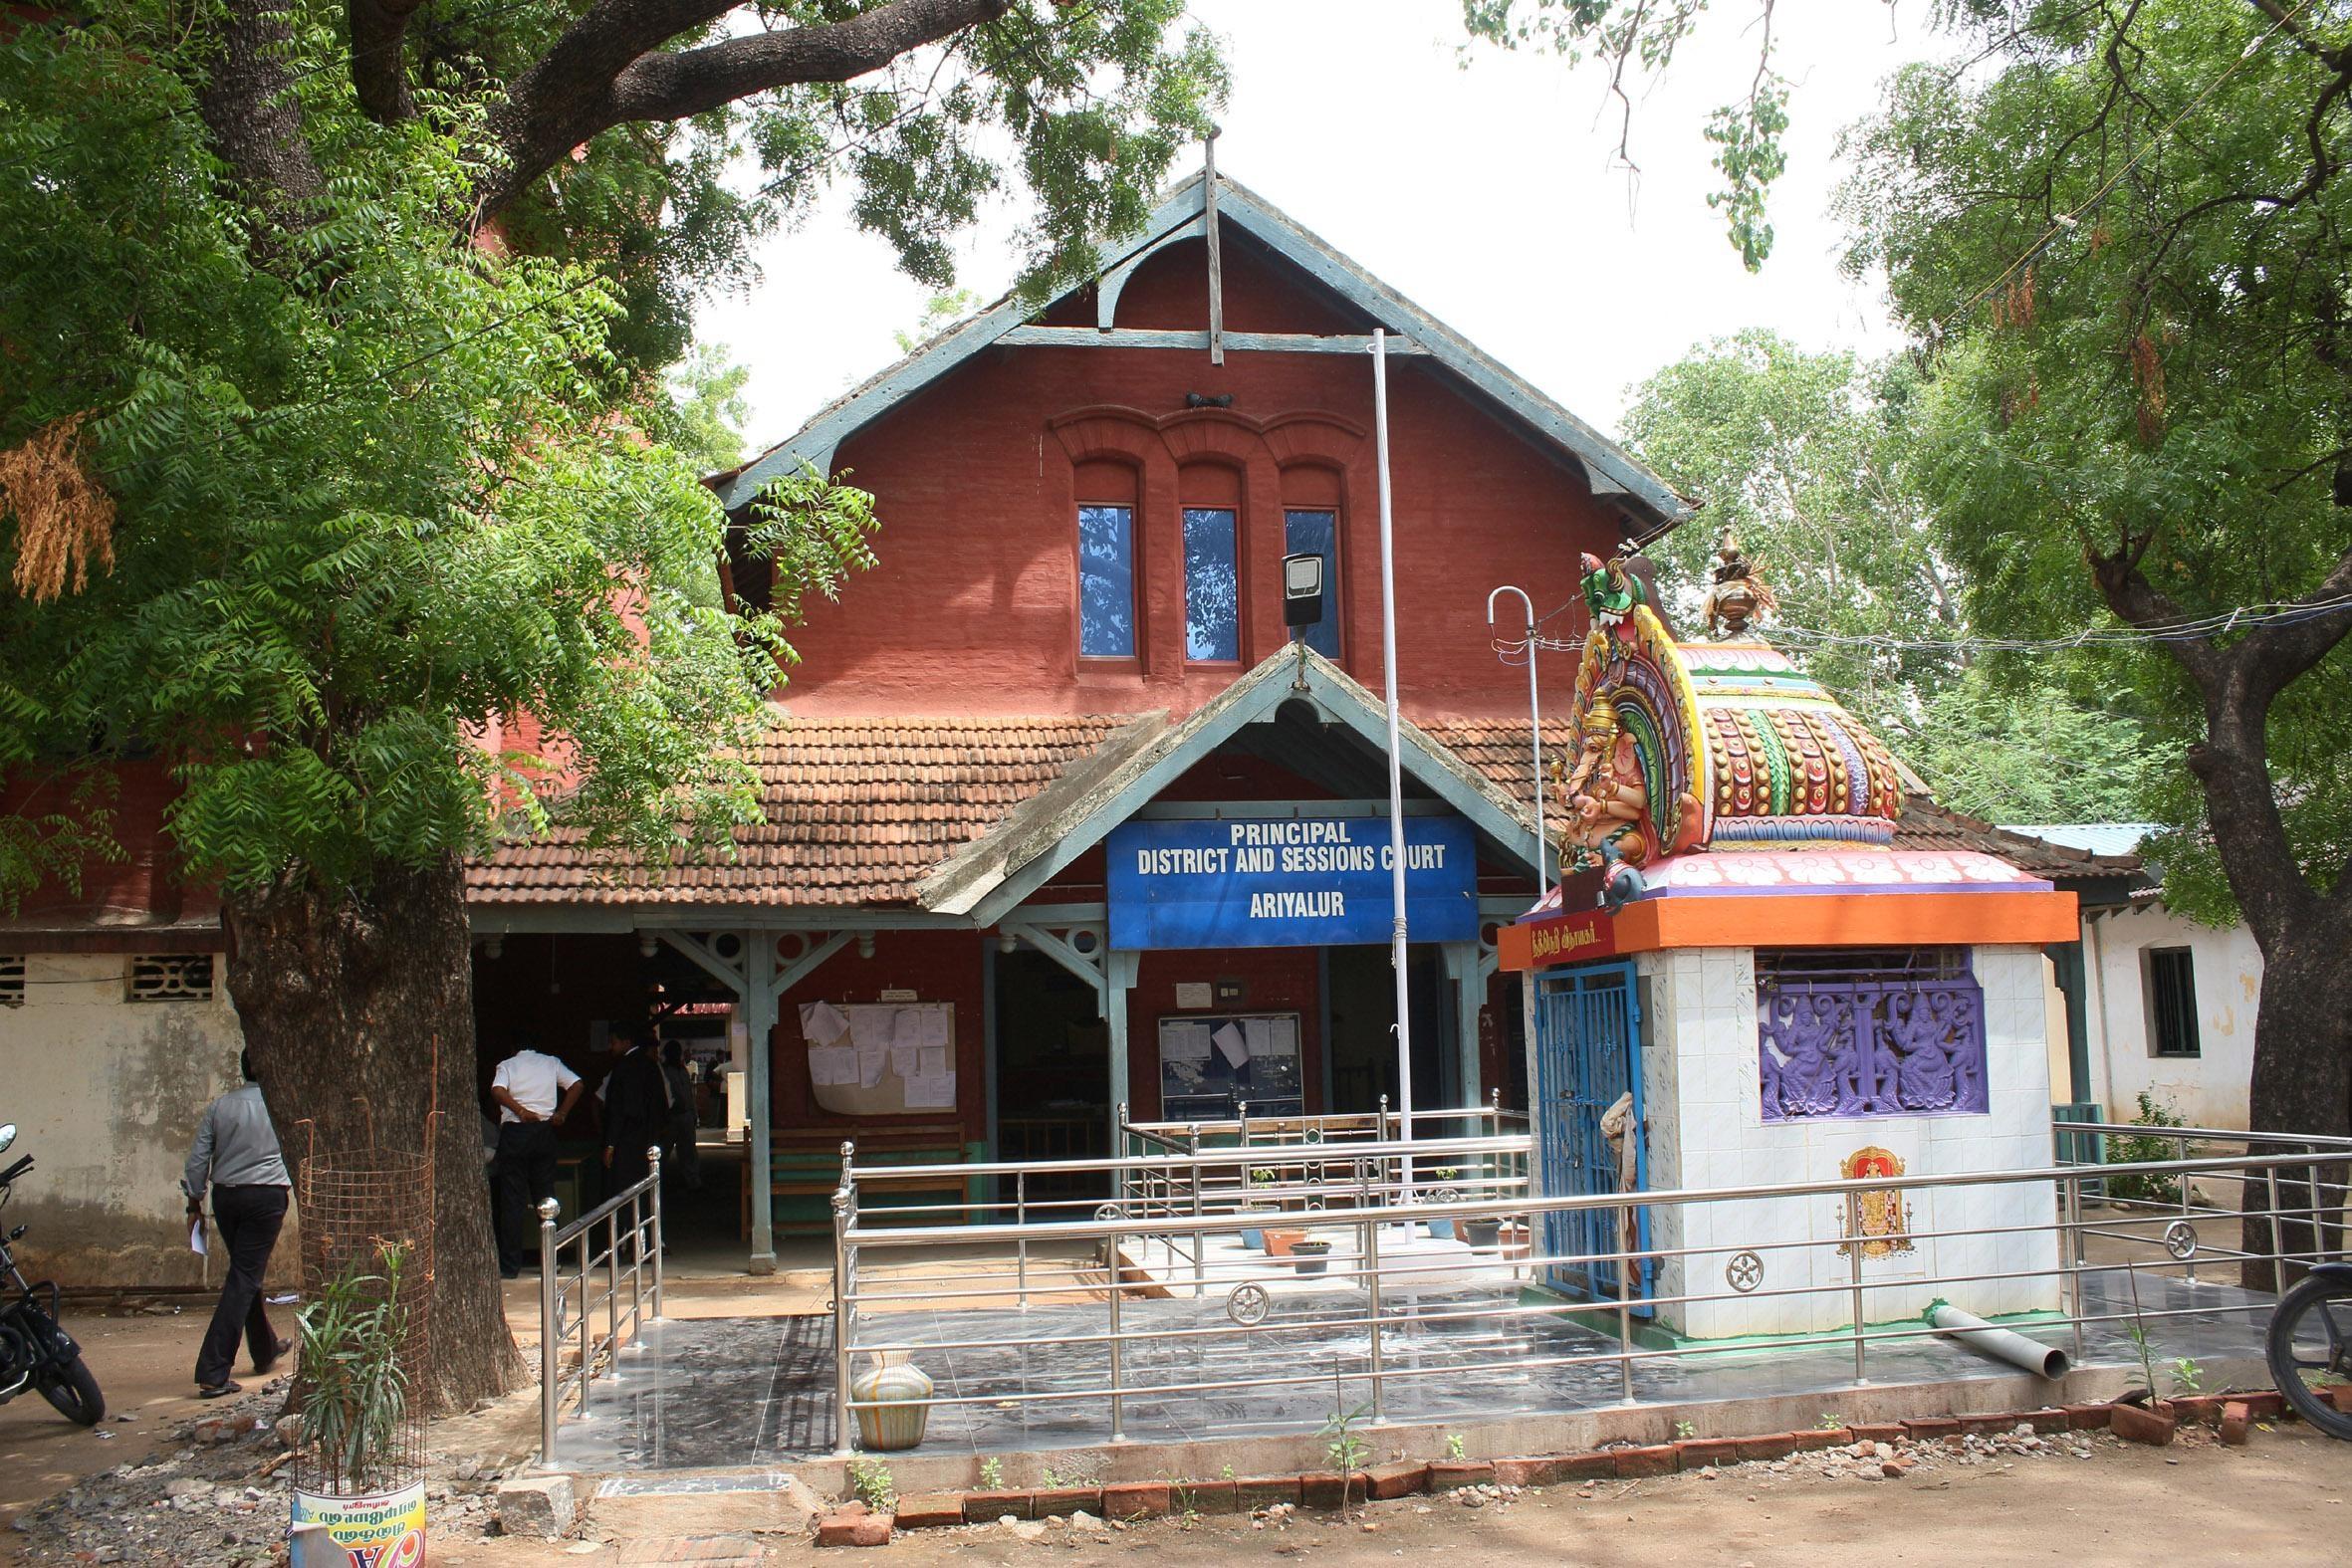 அரியலூர் நீதி மன்றம்